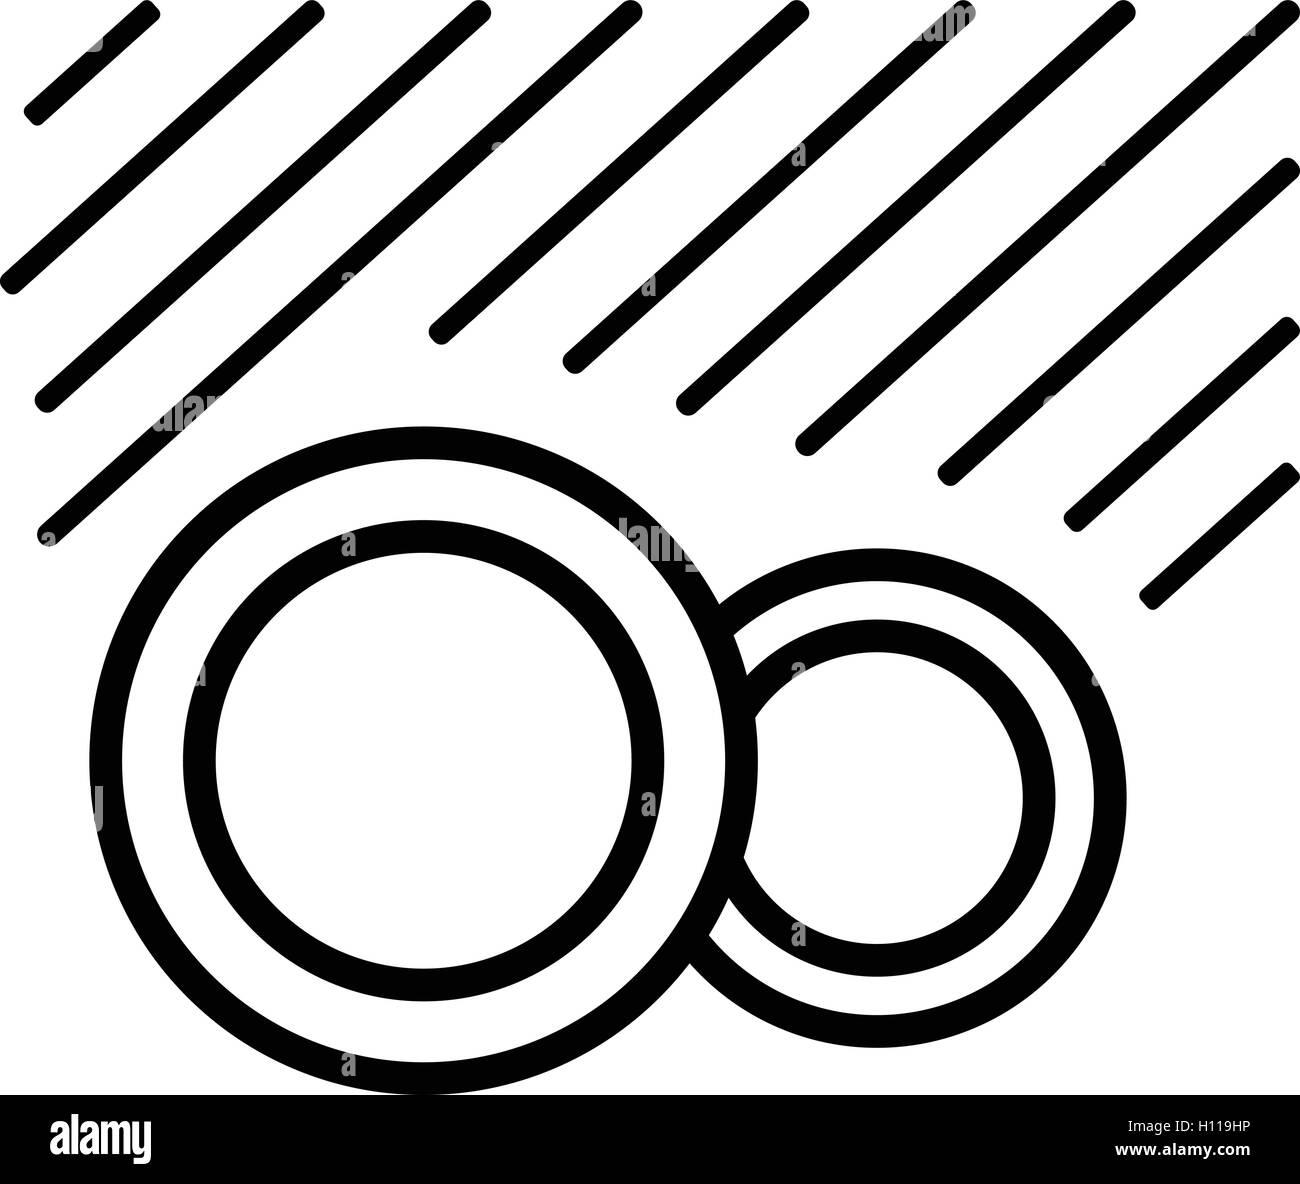 Symbol Spulmaschinenfest Motorrad Waschen Schwarz Einfache Symbole